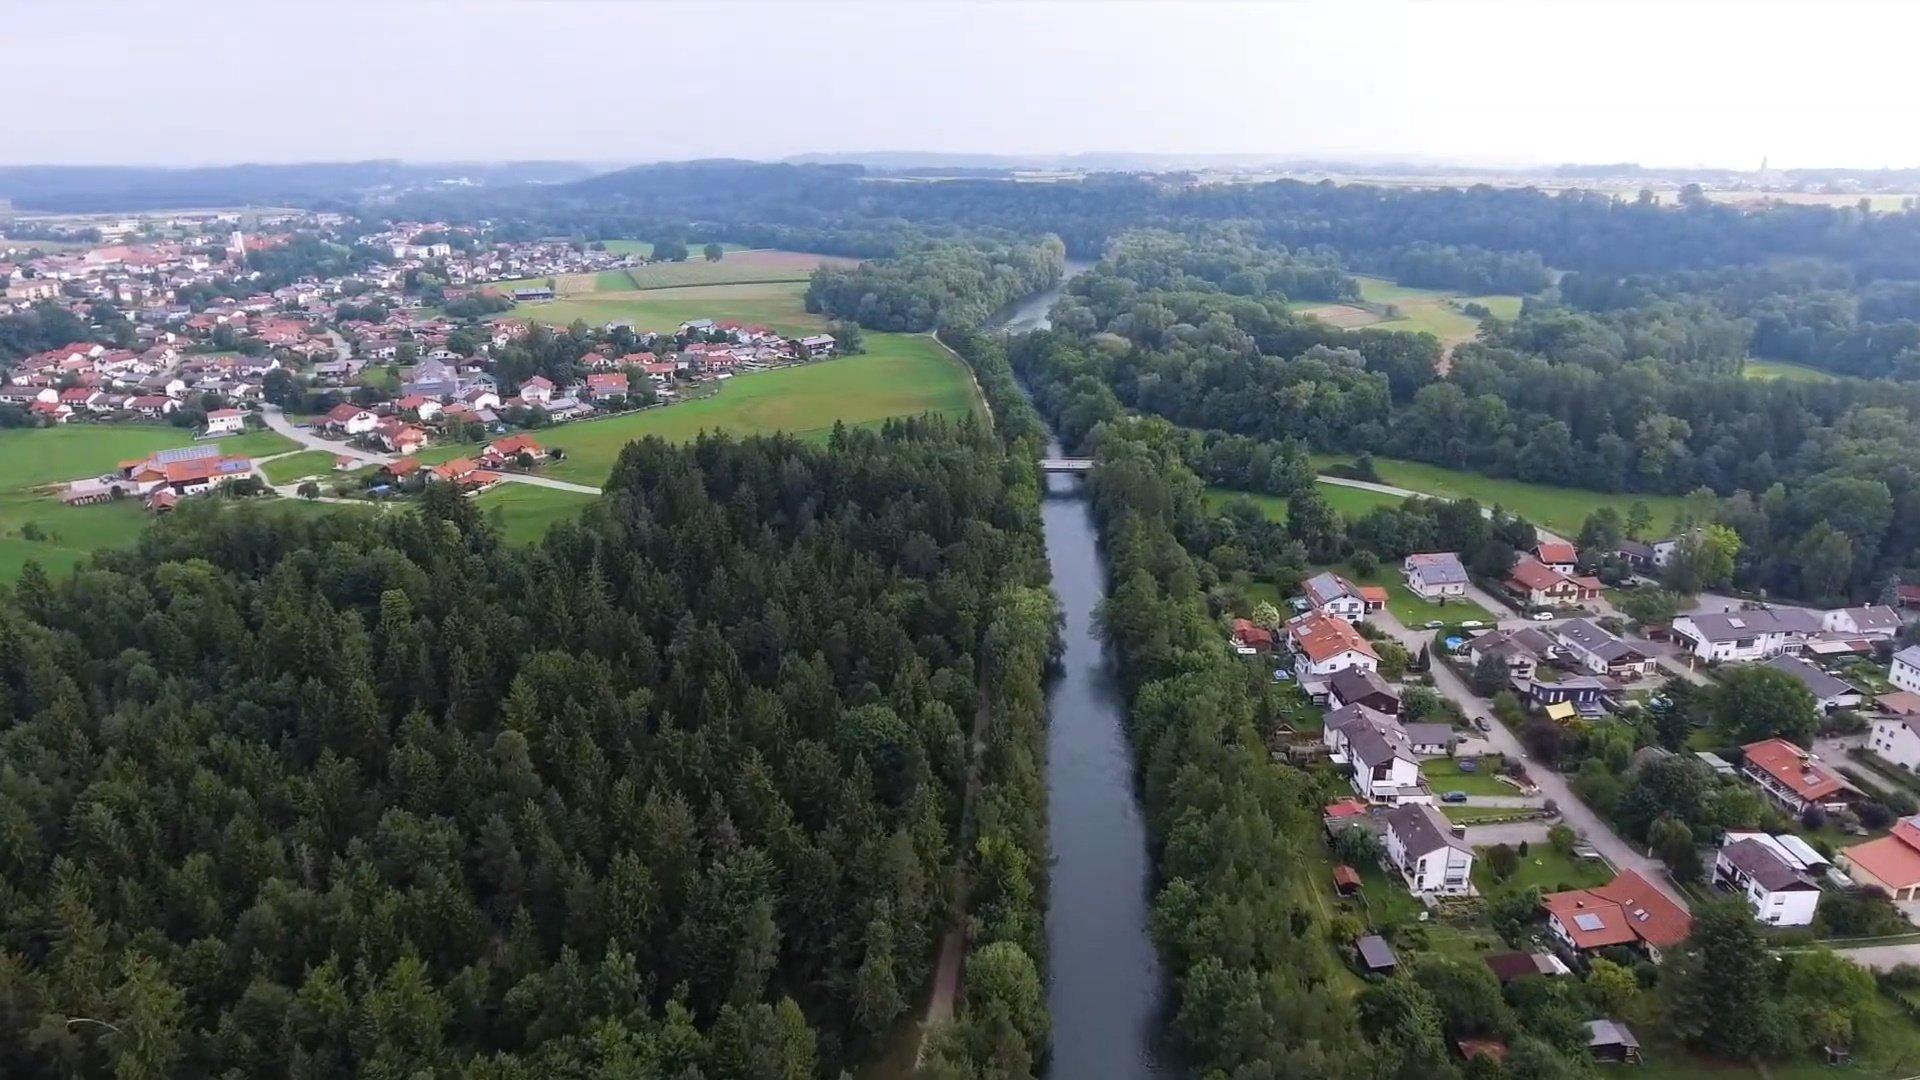 Tacherting Chiemsee-Chiemgau Drohnenaufnahme